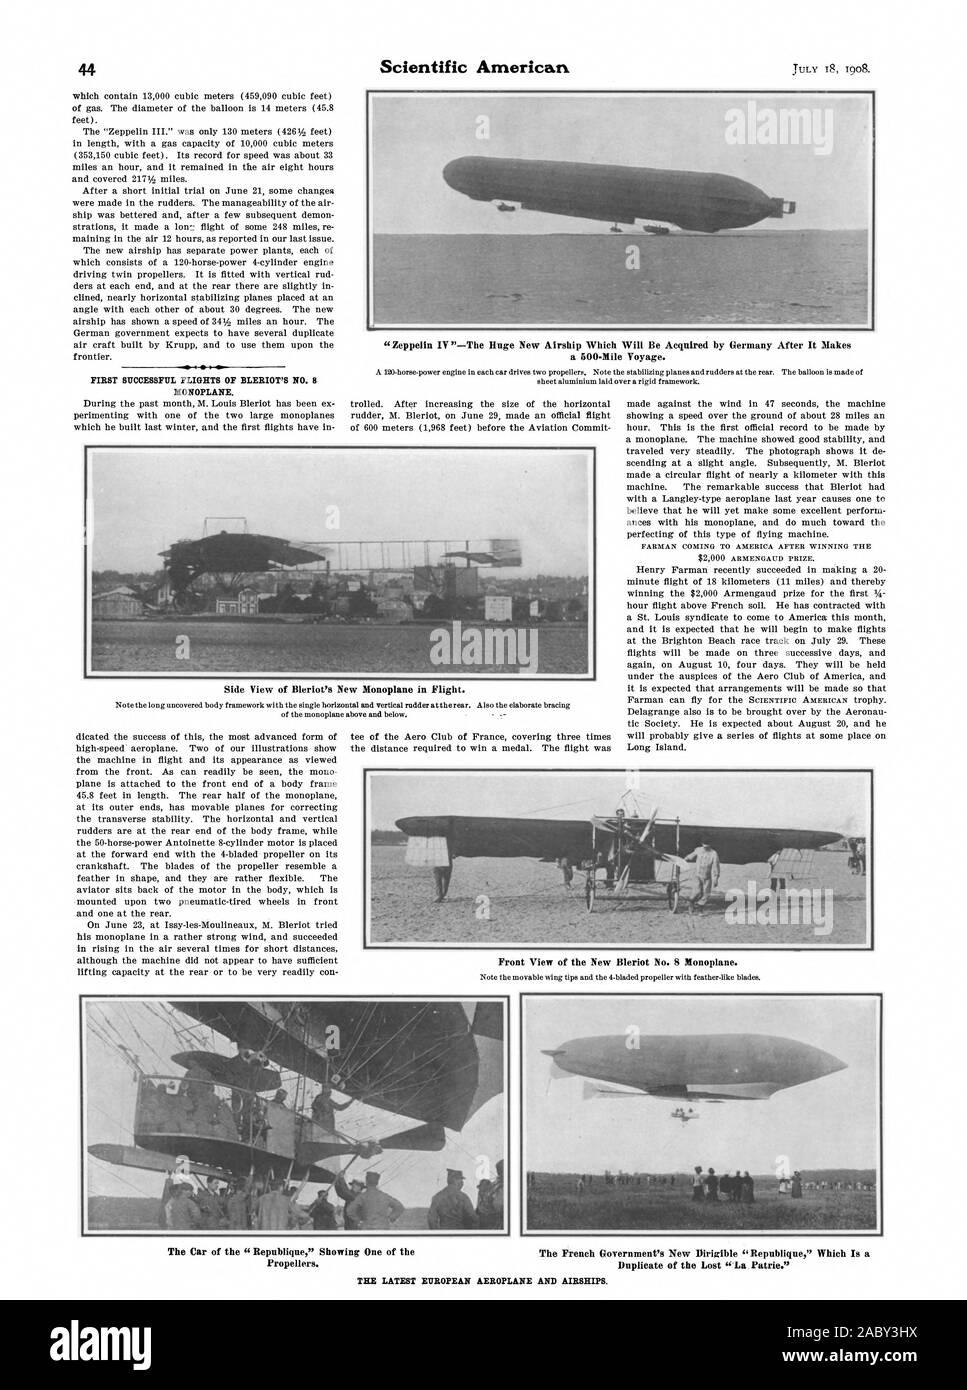 """Zeppelin IV '-l'énorme dirigeable nouvelle qui sera acquise par l'Allemagne après il fait un voyage de 500 milles. Première RÉUSSITE DE VOLS D'avion monoplan Blériot N° 8. Vue avant du nouveau monoplan Blériot n° 8. Vue latérale du Blériot monoplan de neuf en vol. La voiture de la 'République' montrant l'une des nouvelles du gouvernement français """"dirigeable Republique' qui est une des hélices. Double de la """"perte de la patrie."""" Le dernier avion européen et les dirigeables., Scientific American, 1908-07-18 Banque D'Images"""